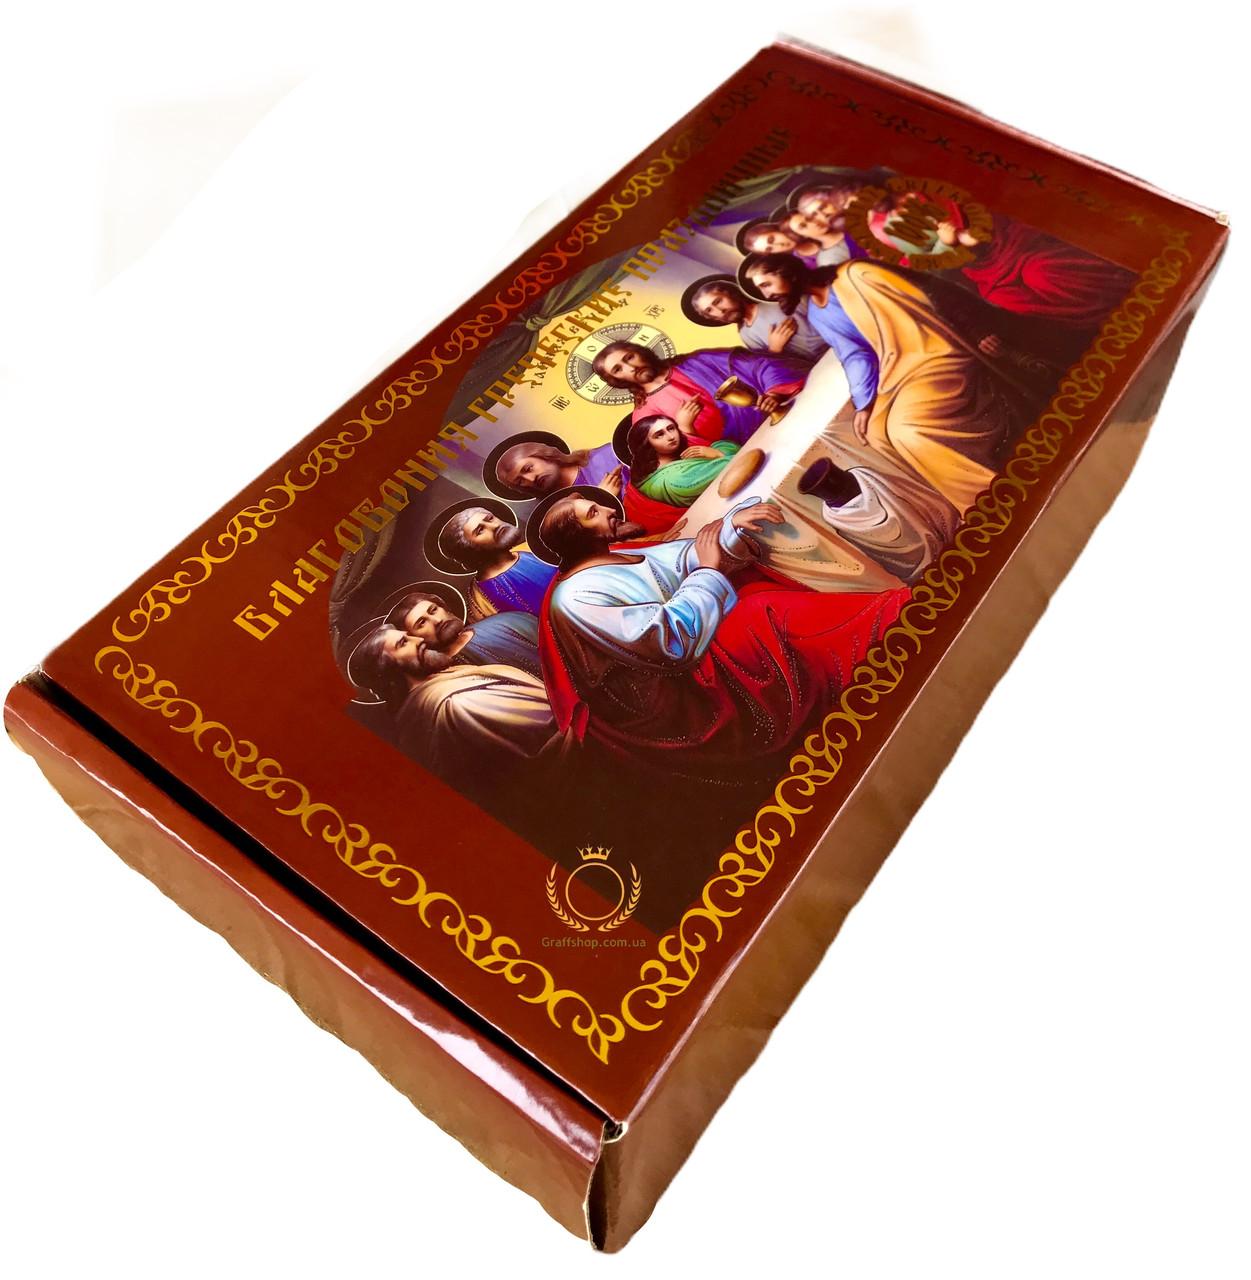 Благовония Греческие Праздничные -с дозатором в коробке 50 баночек, 8 мл - 4 аромата